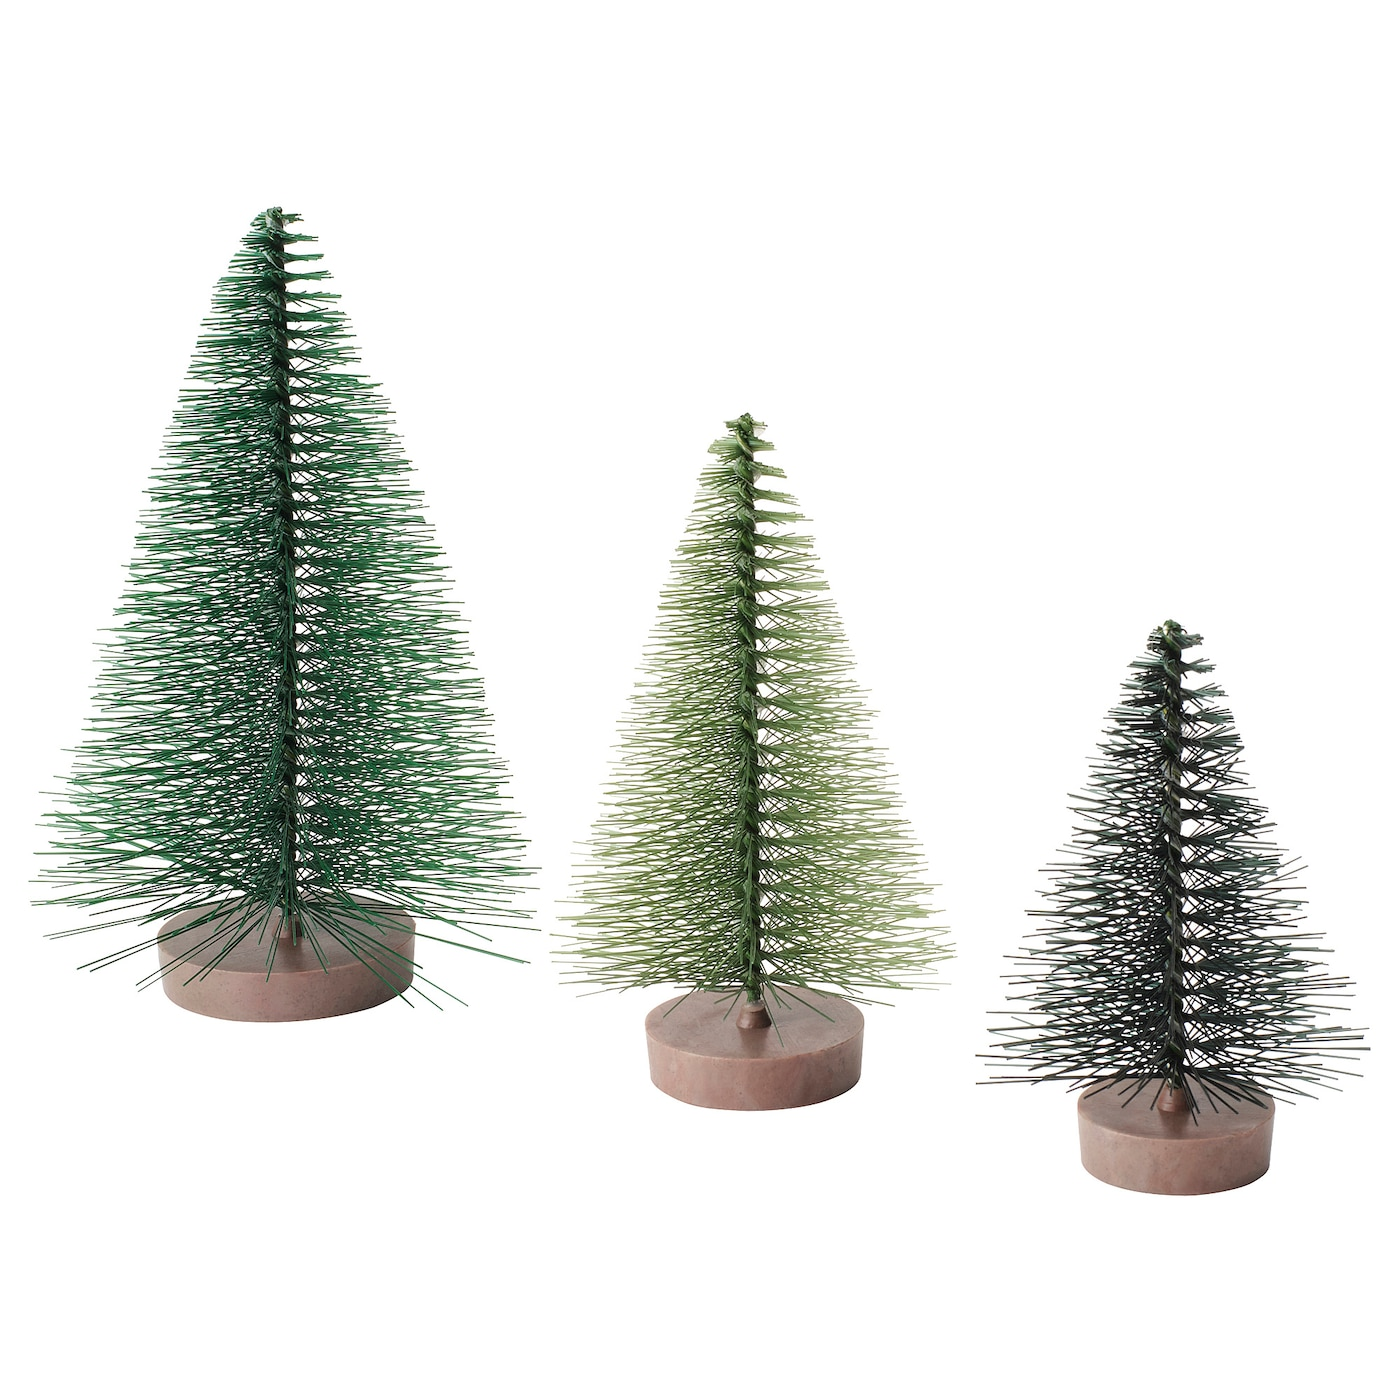 Albero Di Natale Ikea.Vinter 2020 Set Di 3 Decorazioni Albero Di Natale Verde Ikea It